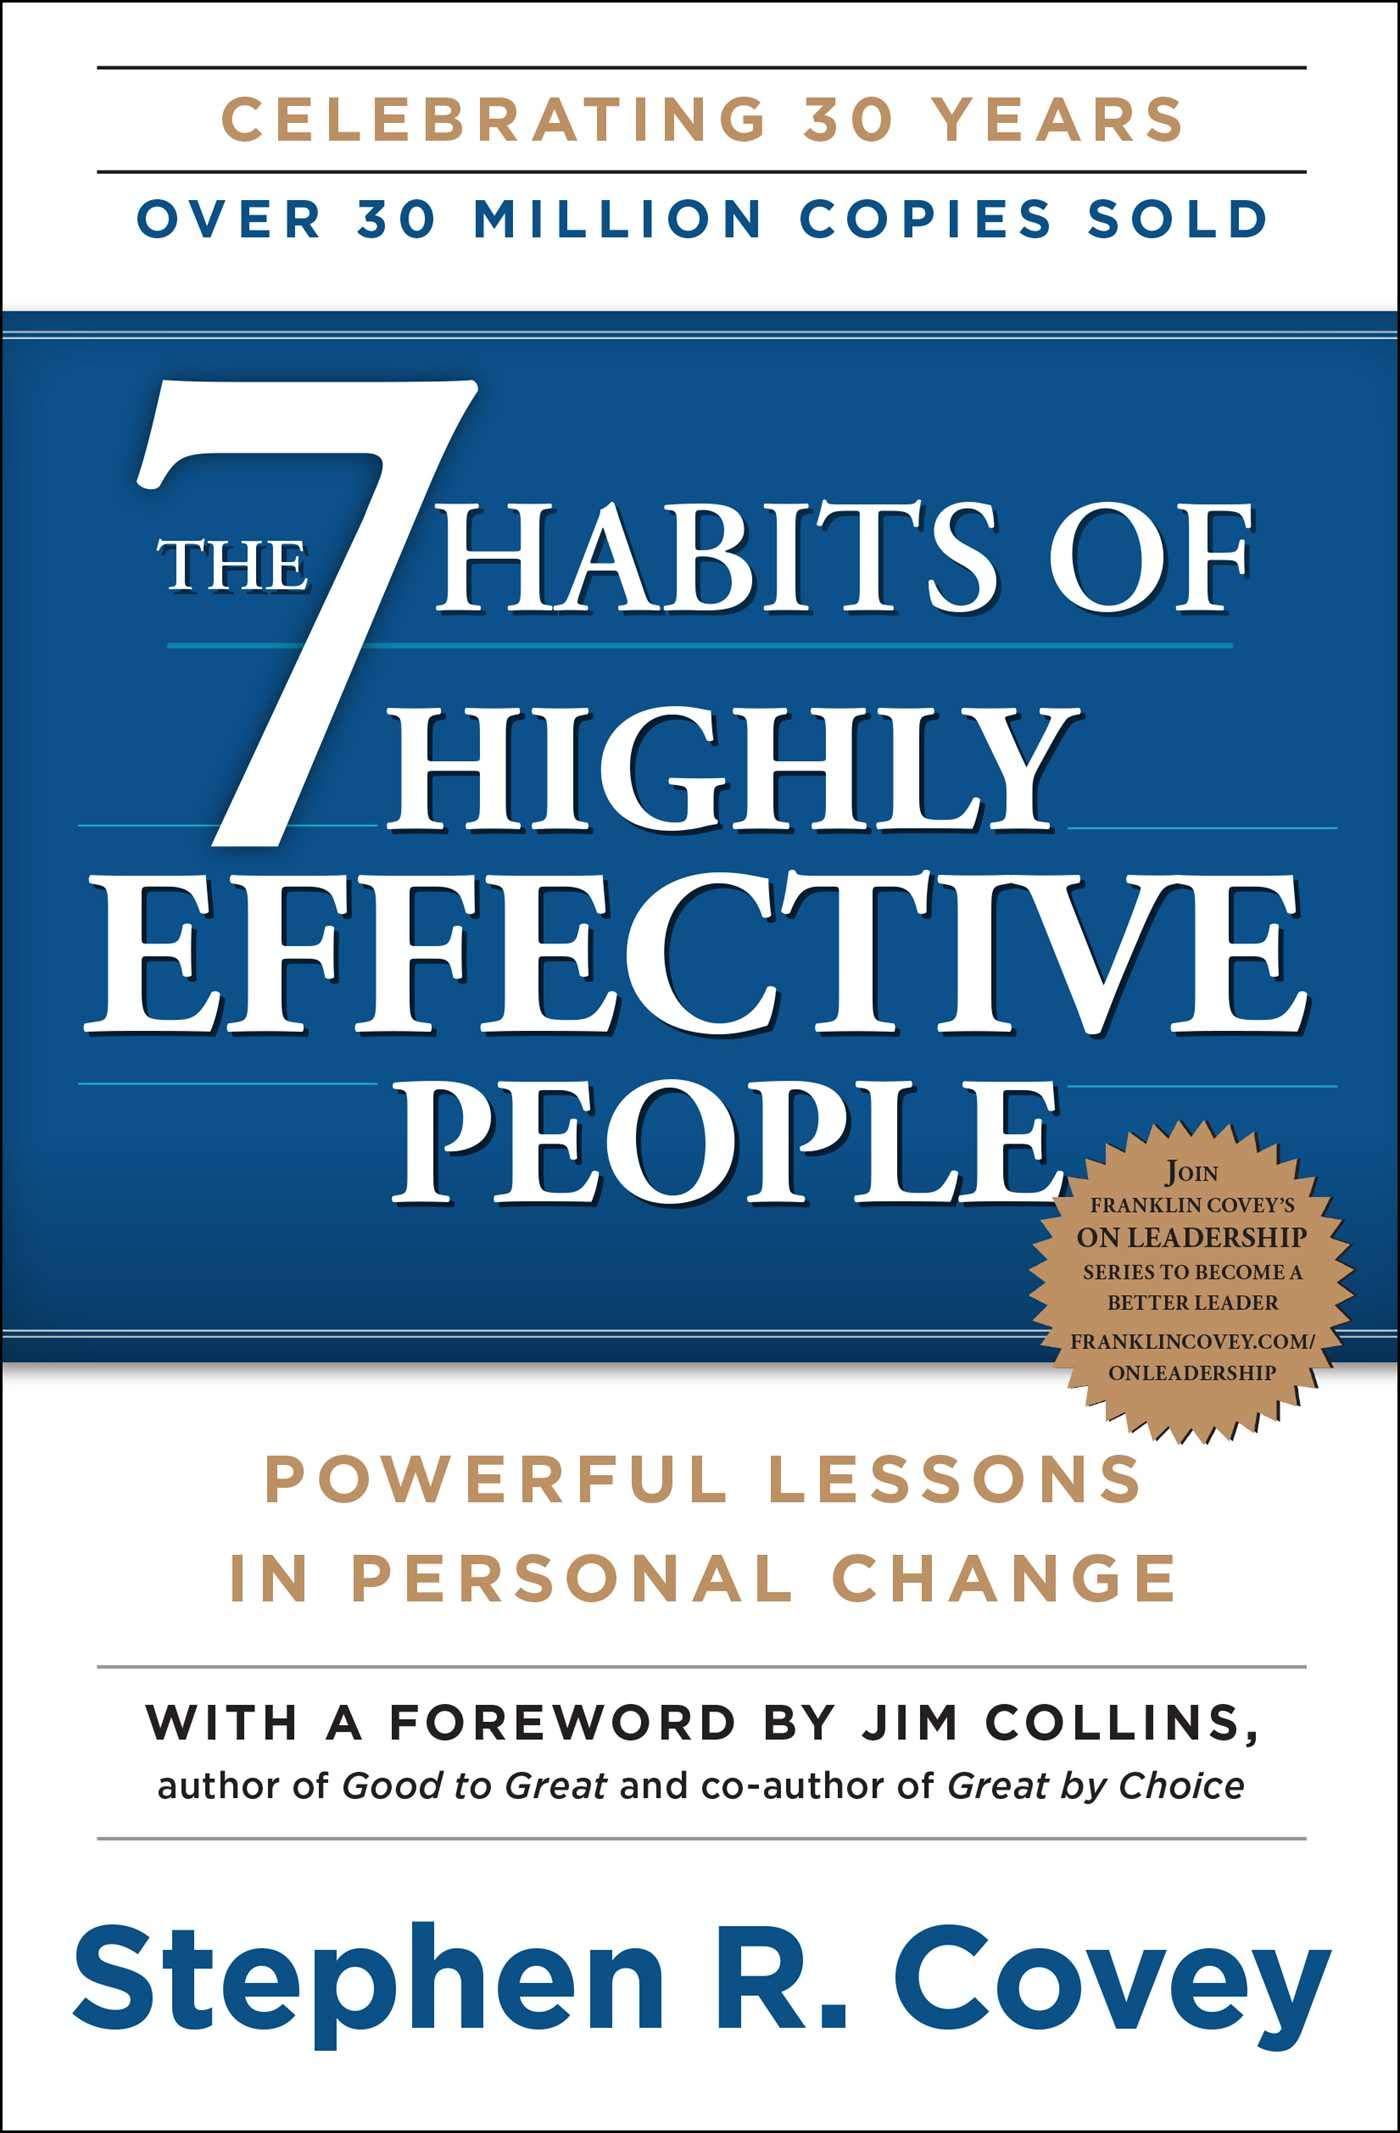 Dr. Stephen R. Covey: A kiemelkedően eredményes emberek 7 szokása